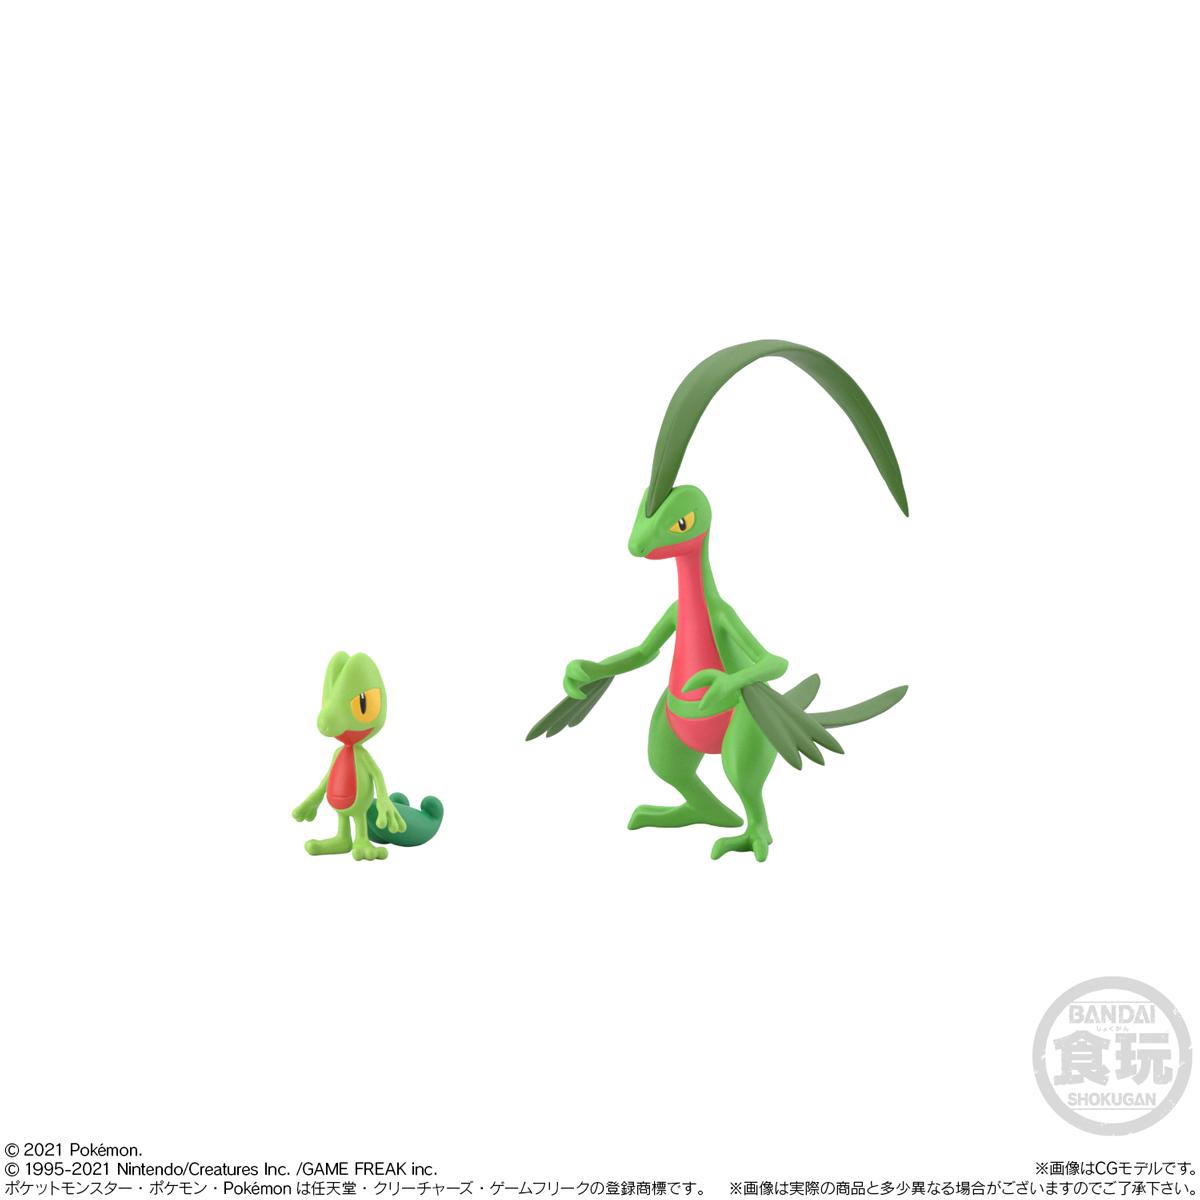 【食玩】ポケットモンスター『ポケモンスケールワールド ホウエン地方』セット-002